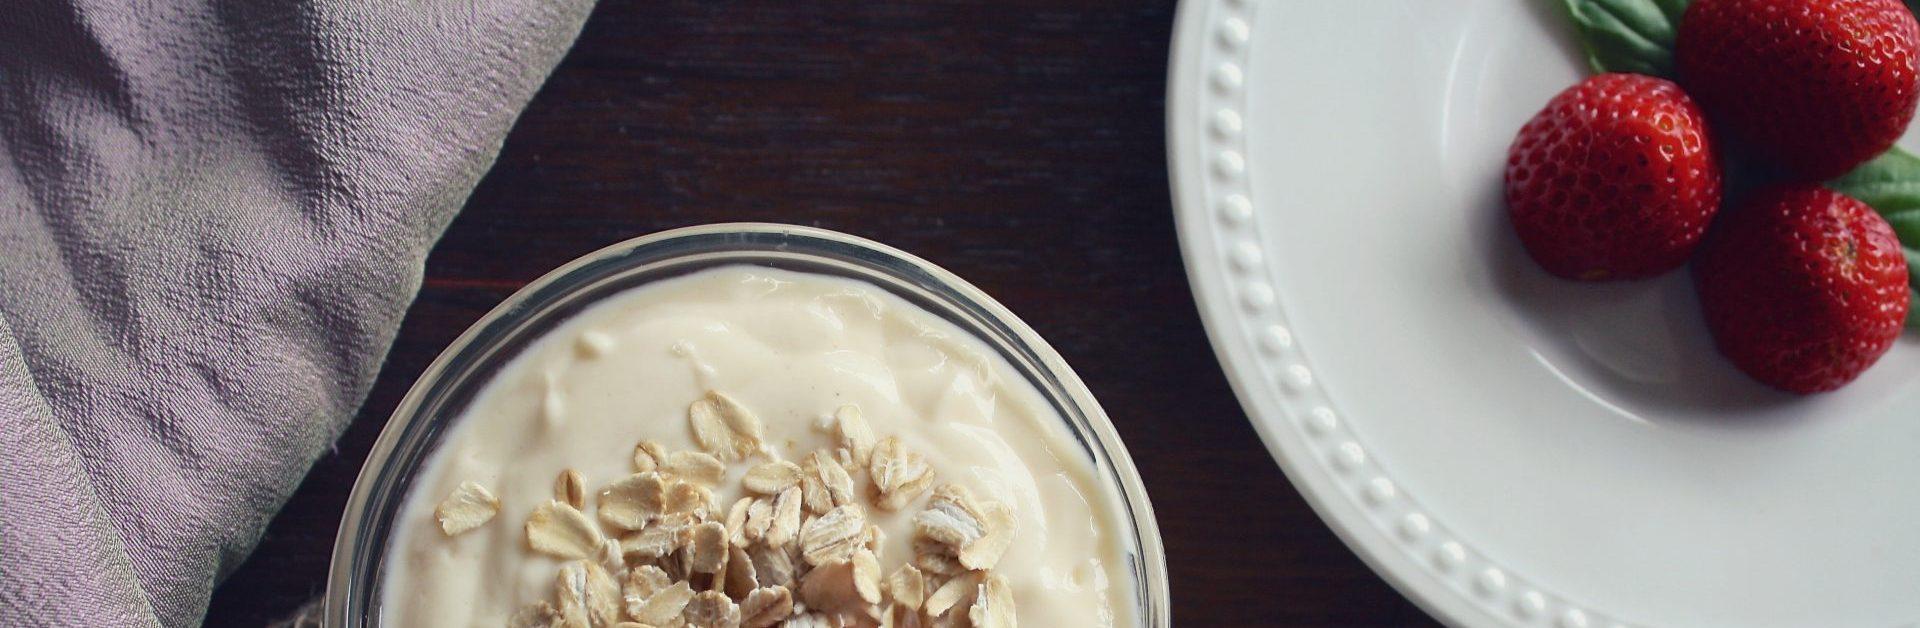 Производство натуральных  молочных десертов